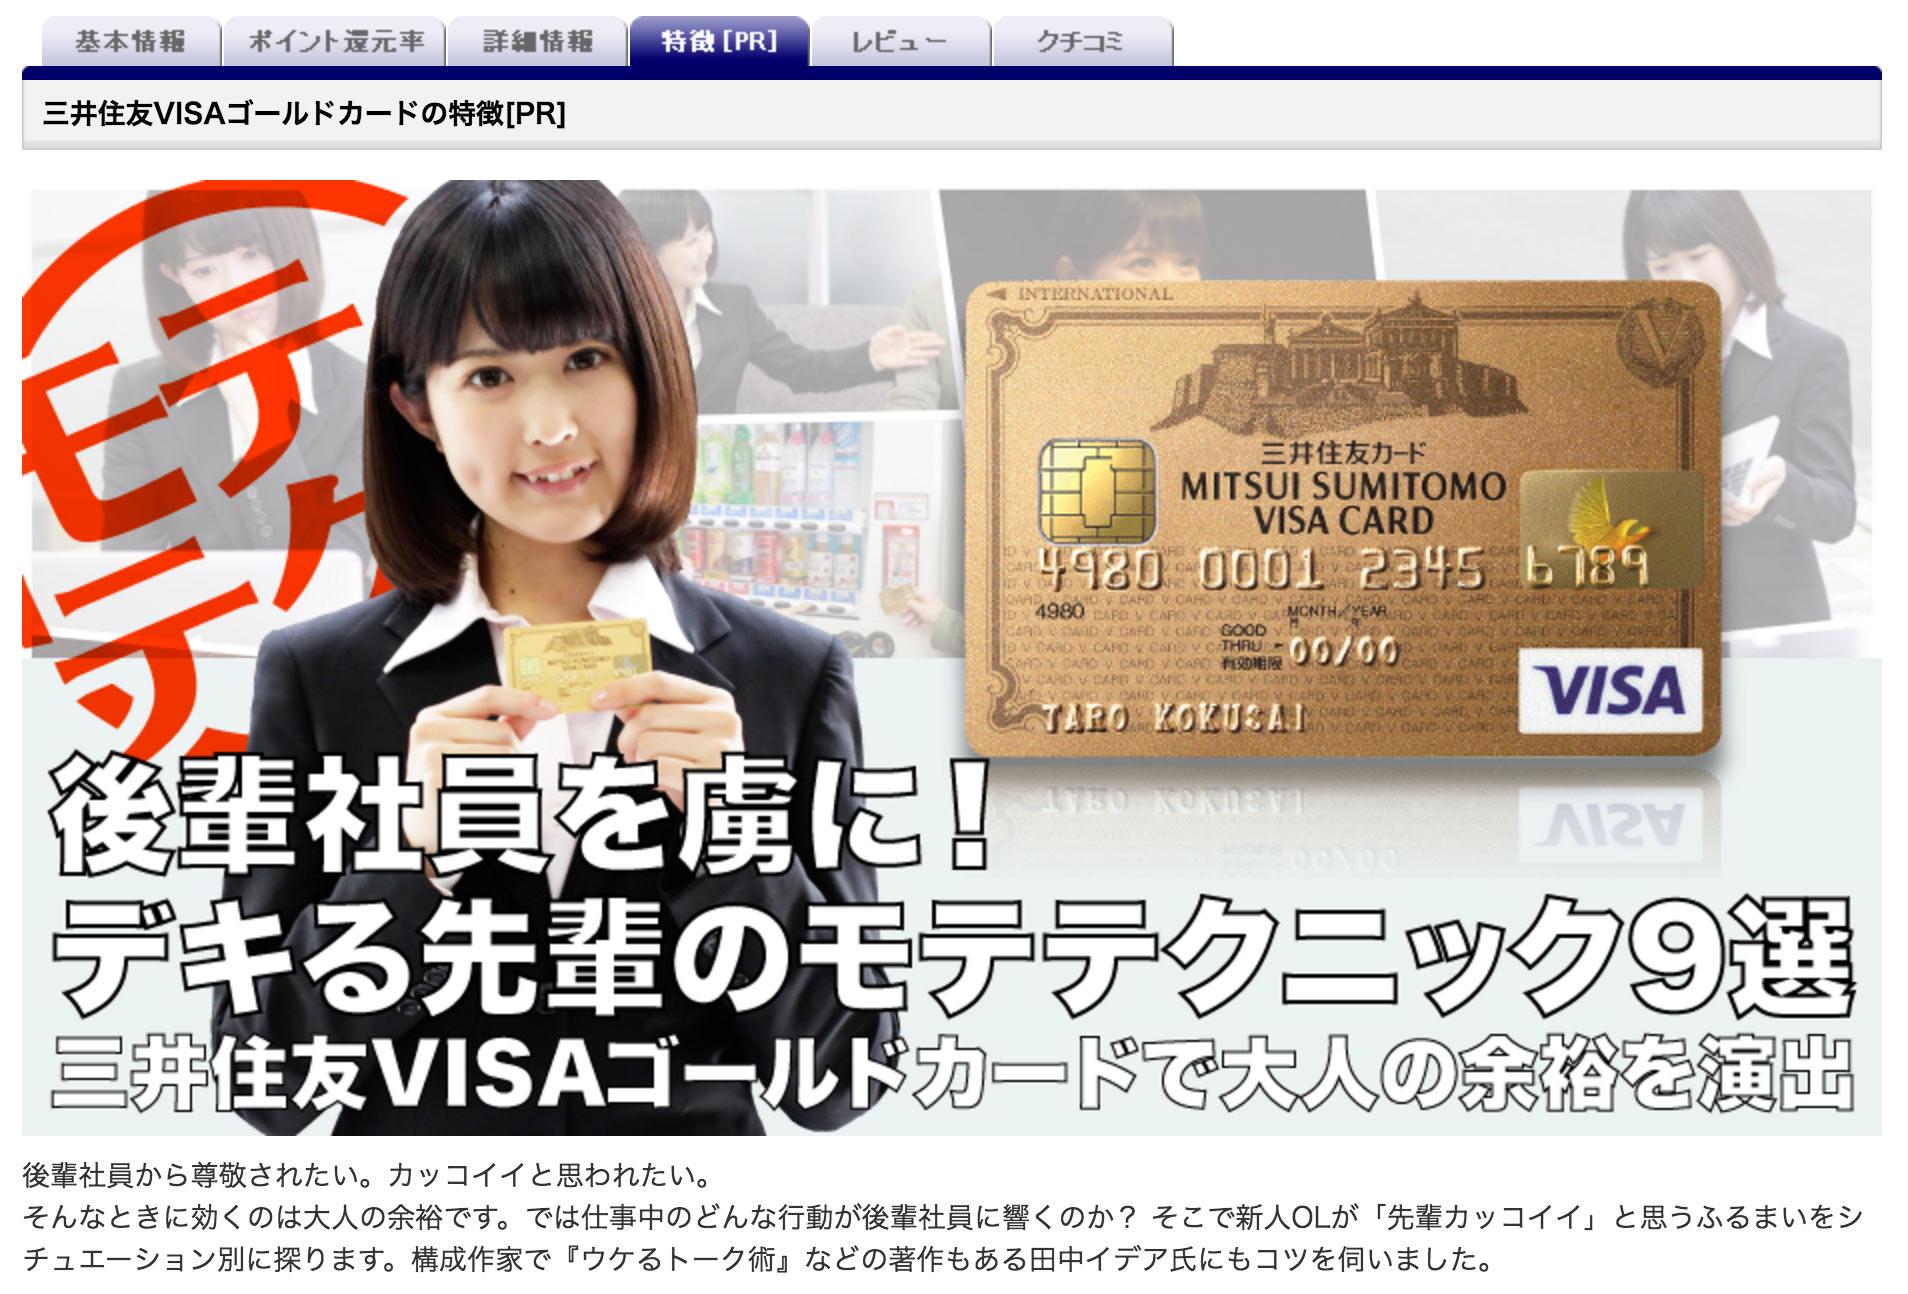 カカクコム クレジットカード広告